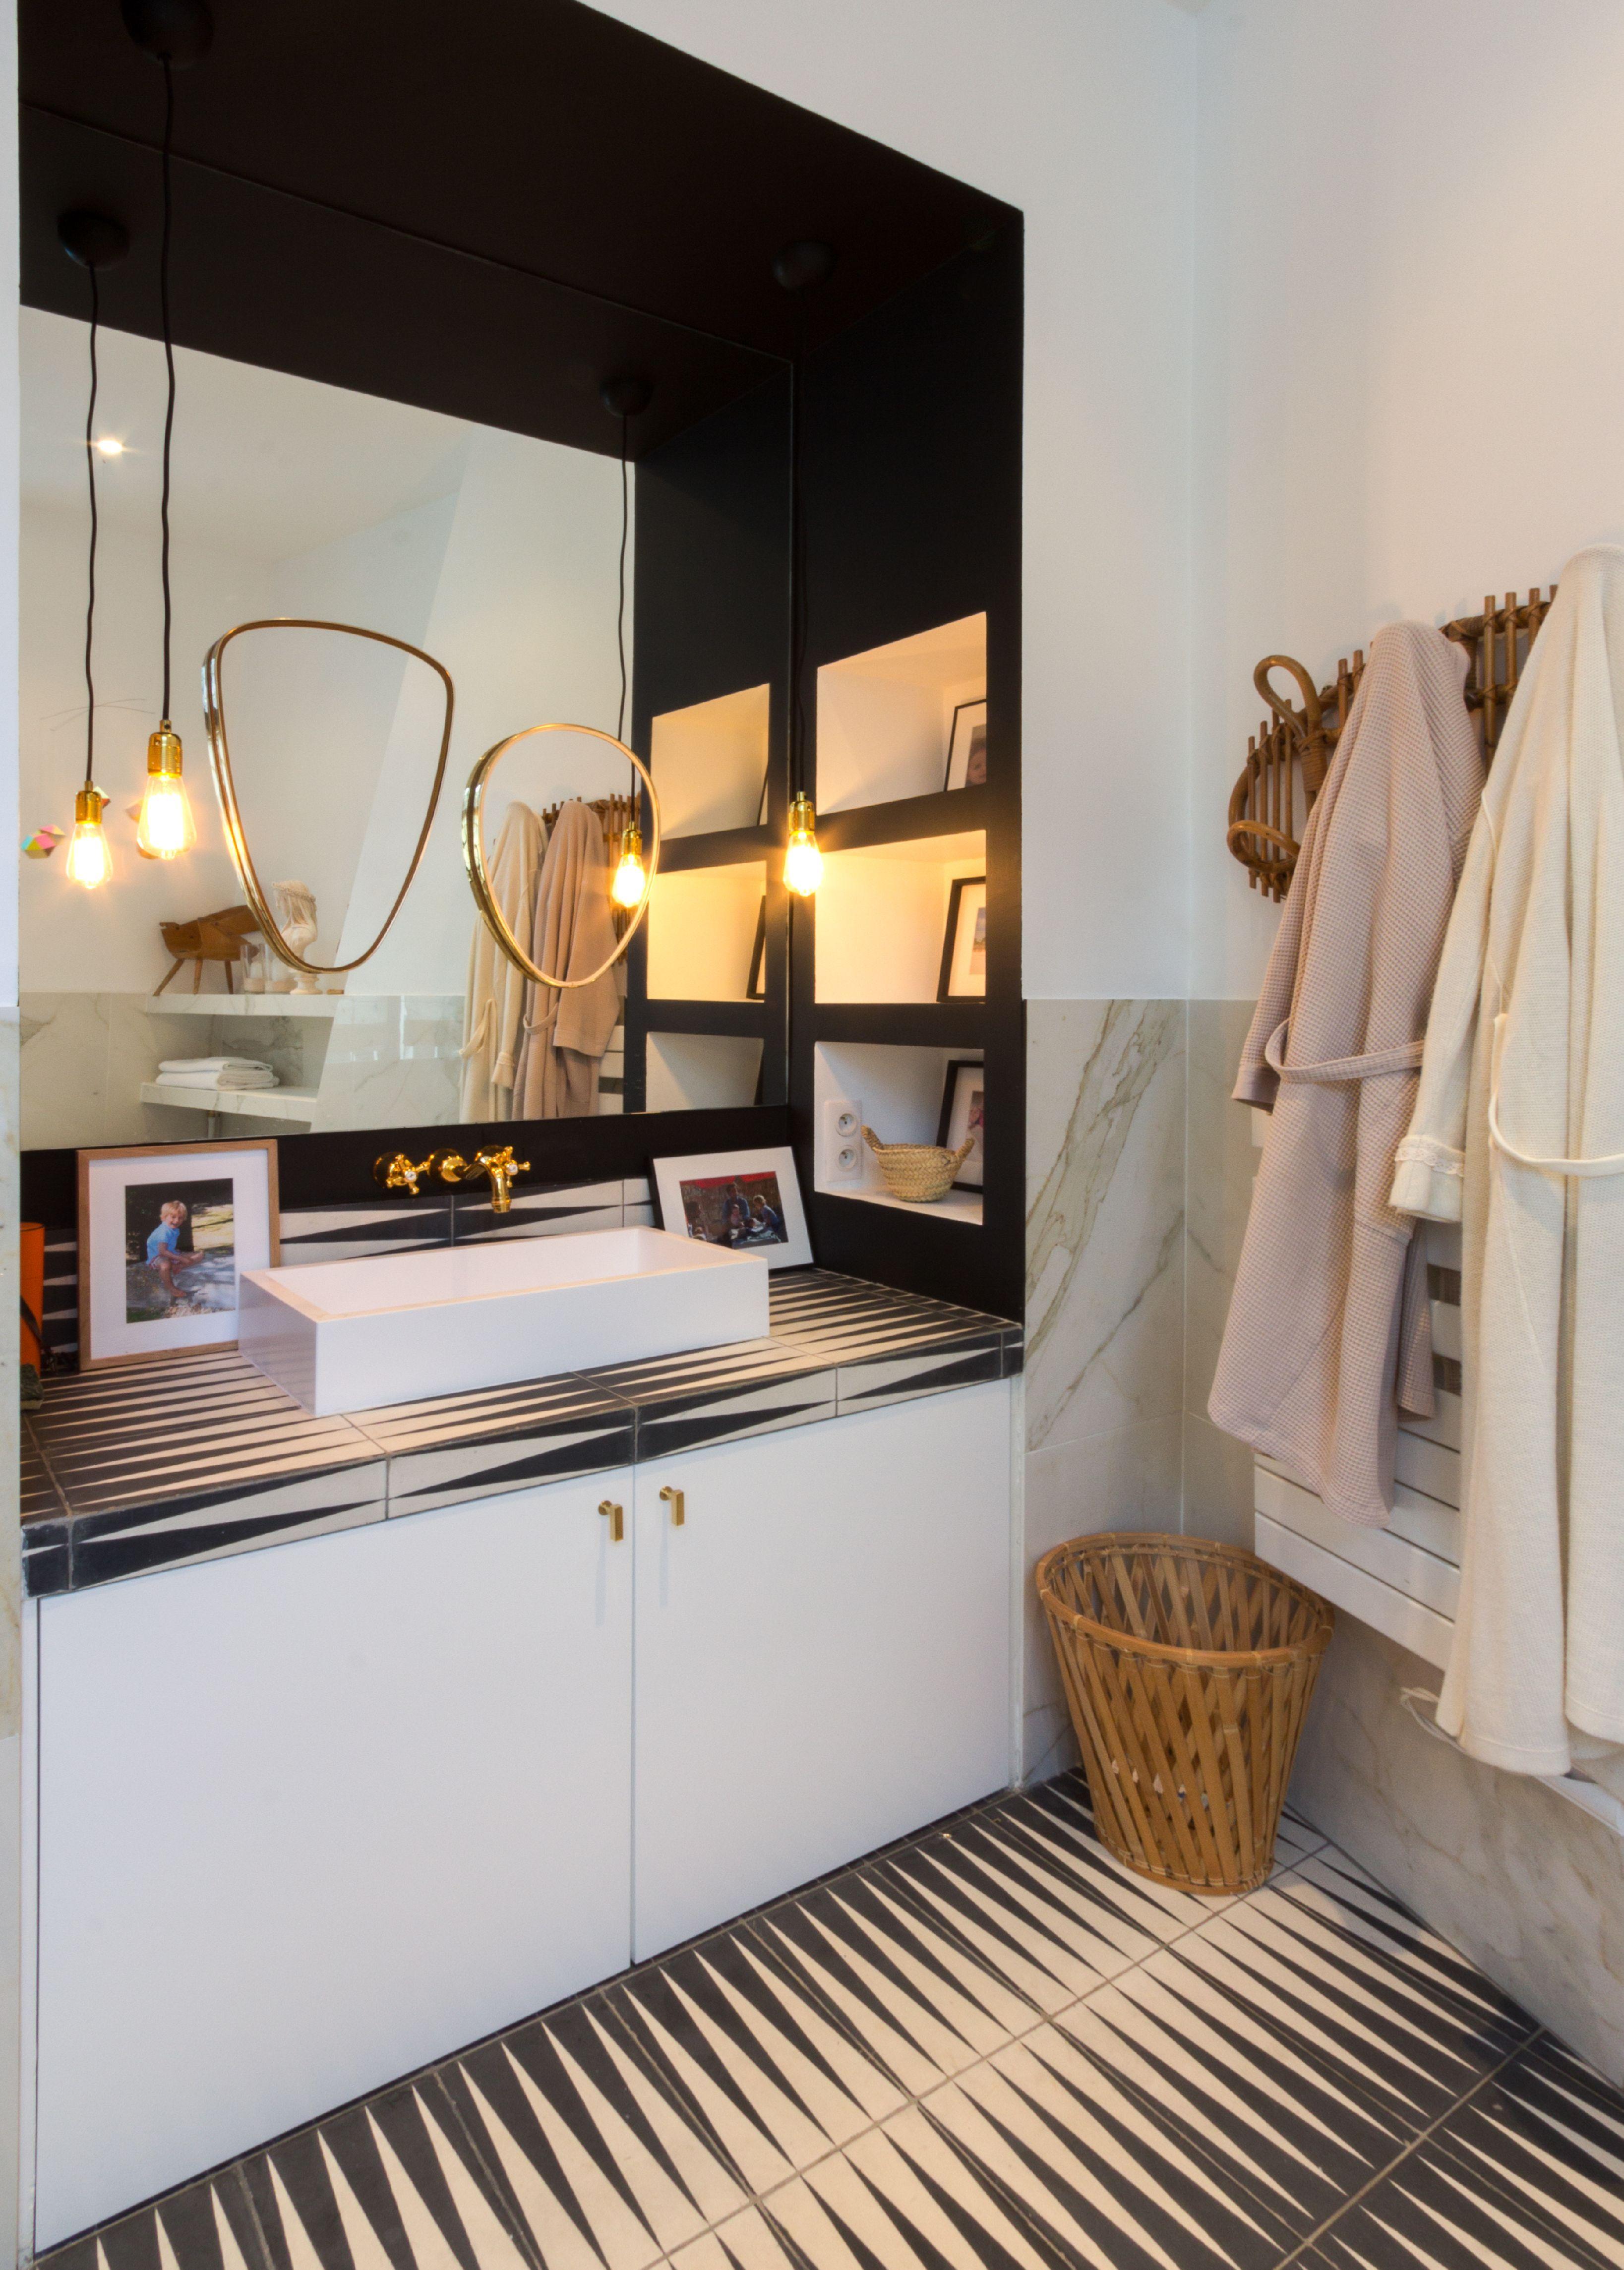 Badezimmer dekor über toilette gravityhomeblog paris  badkamers  pinterest  badezimmer haus